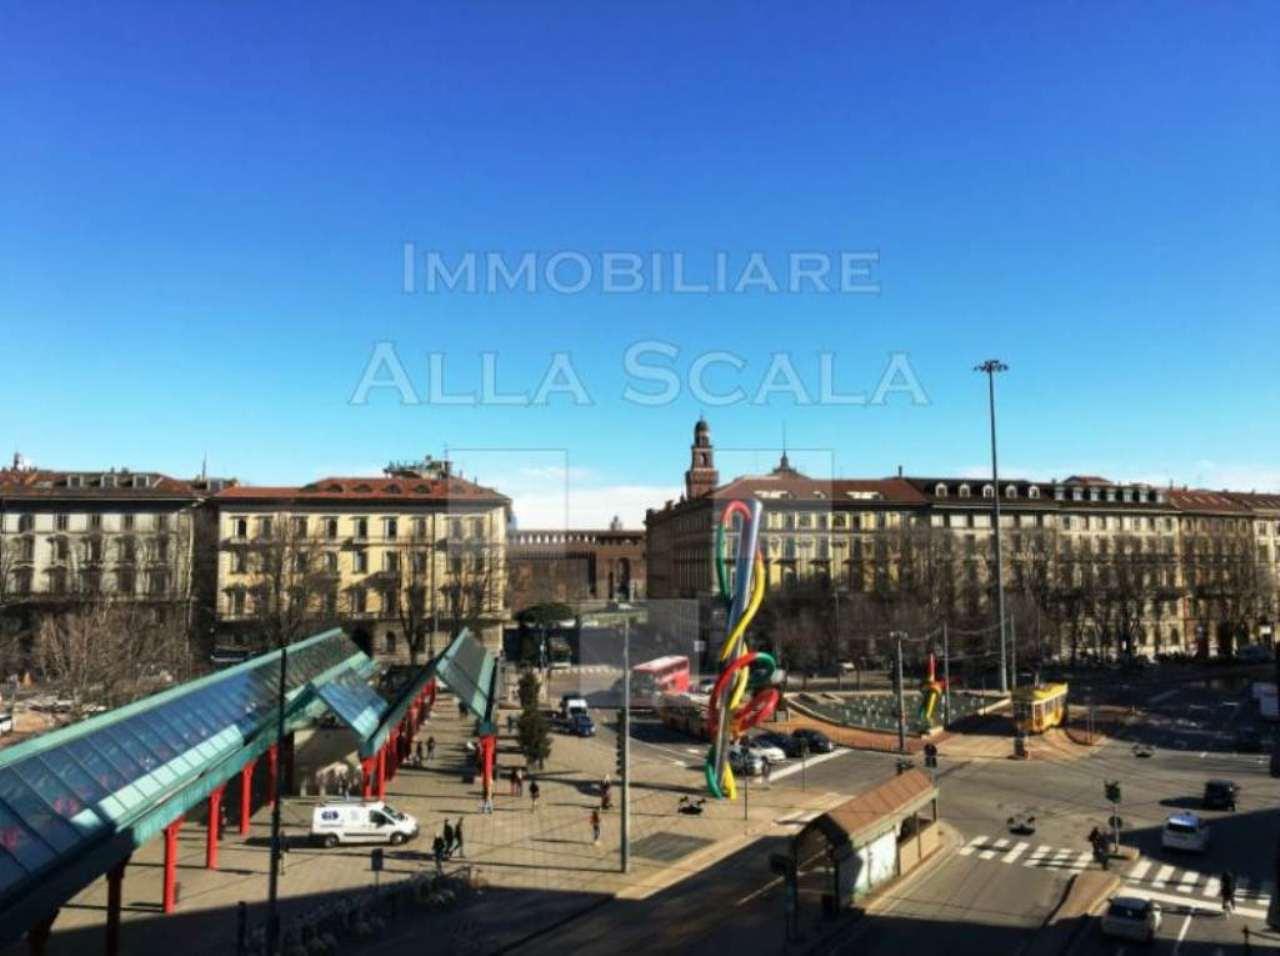 Appartamento in vendita a Milano, 3 locali, zona Zona: 1 . Centro Storico, Duomo, Brera, Cadorna, Cattolica, prezzo € 600.000 | Cambio Casa.it